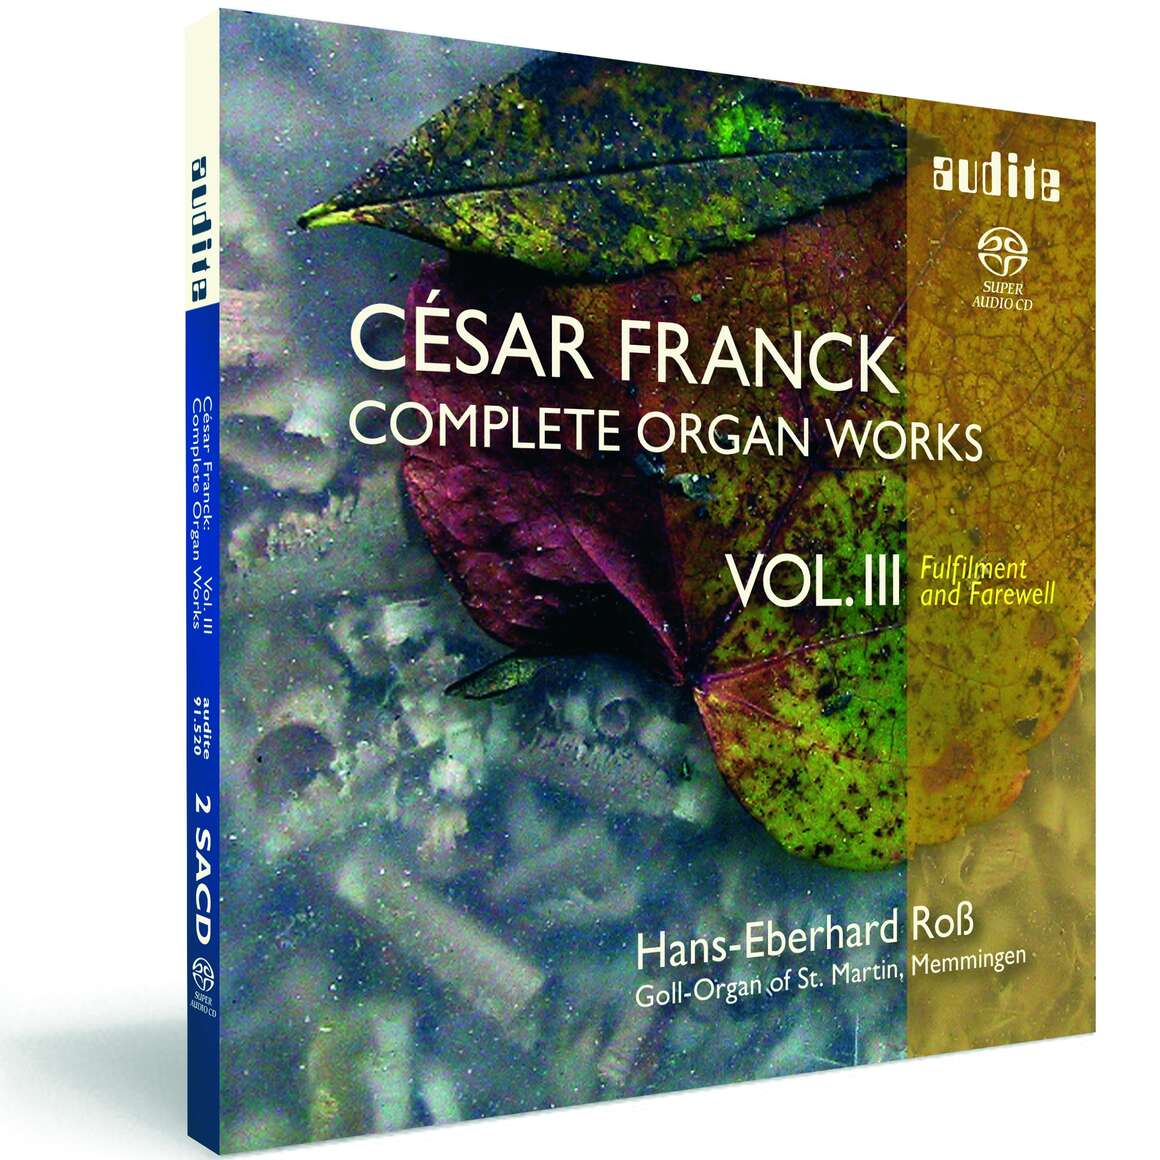 C. Franck: Complete Organ Works Vol. III